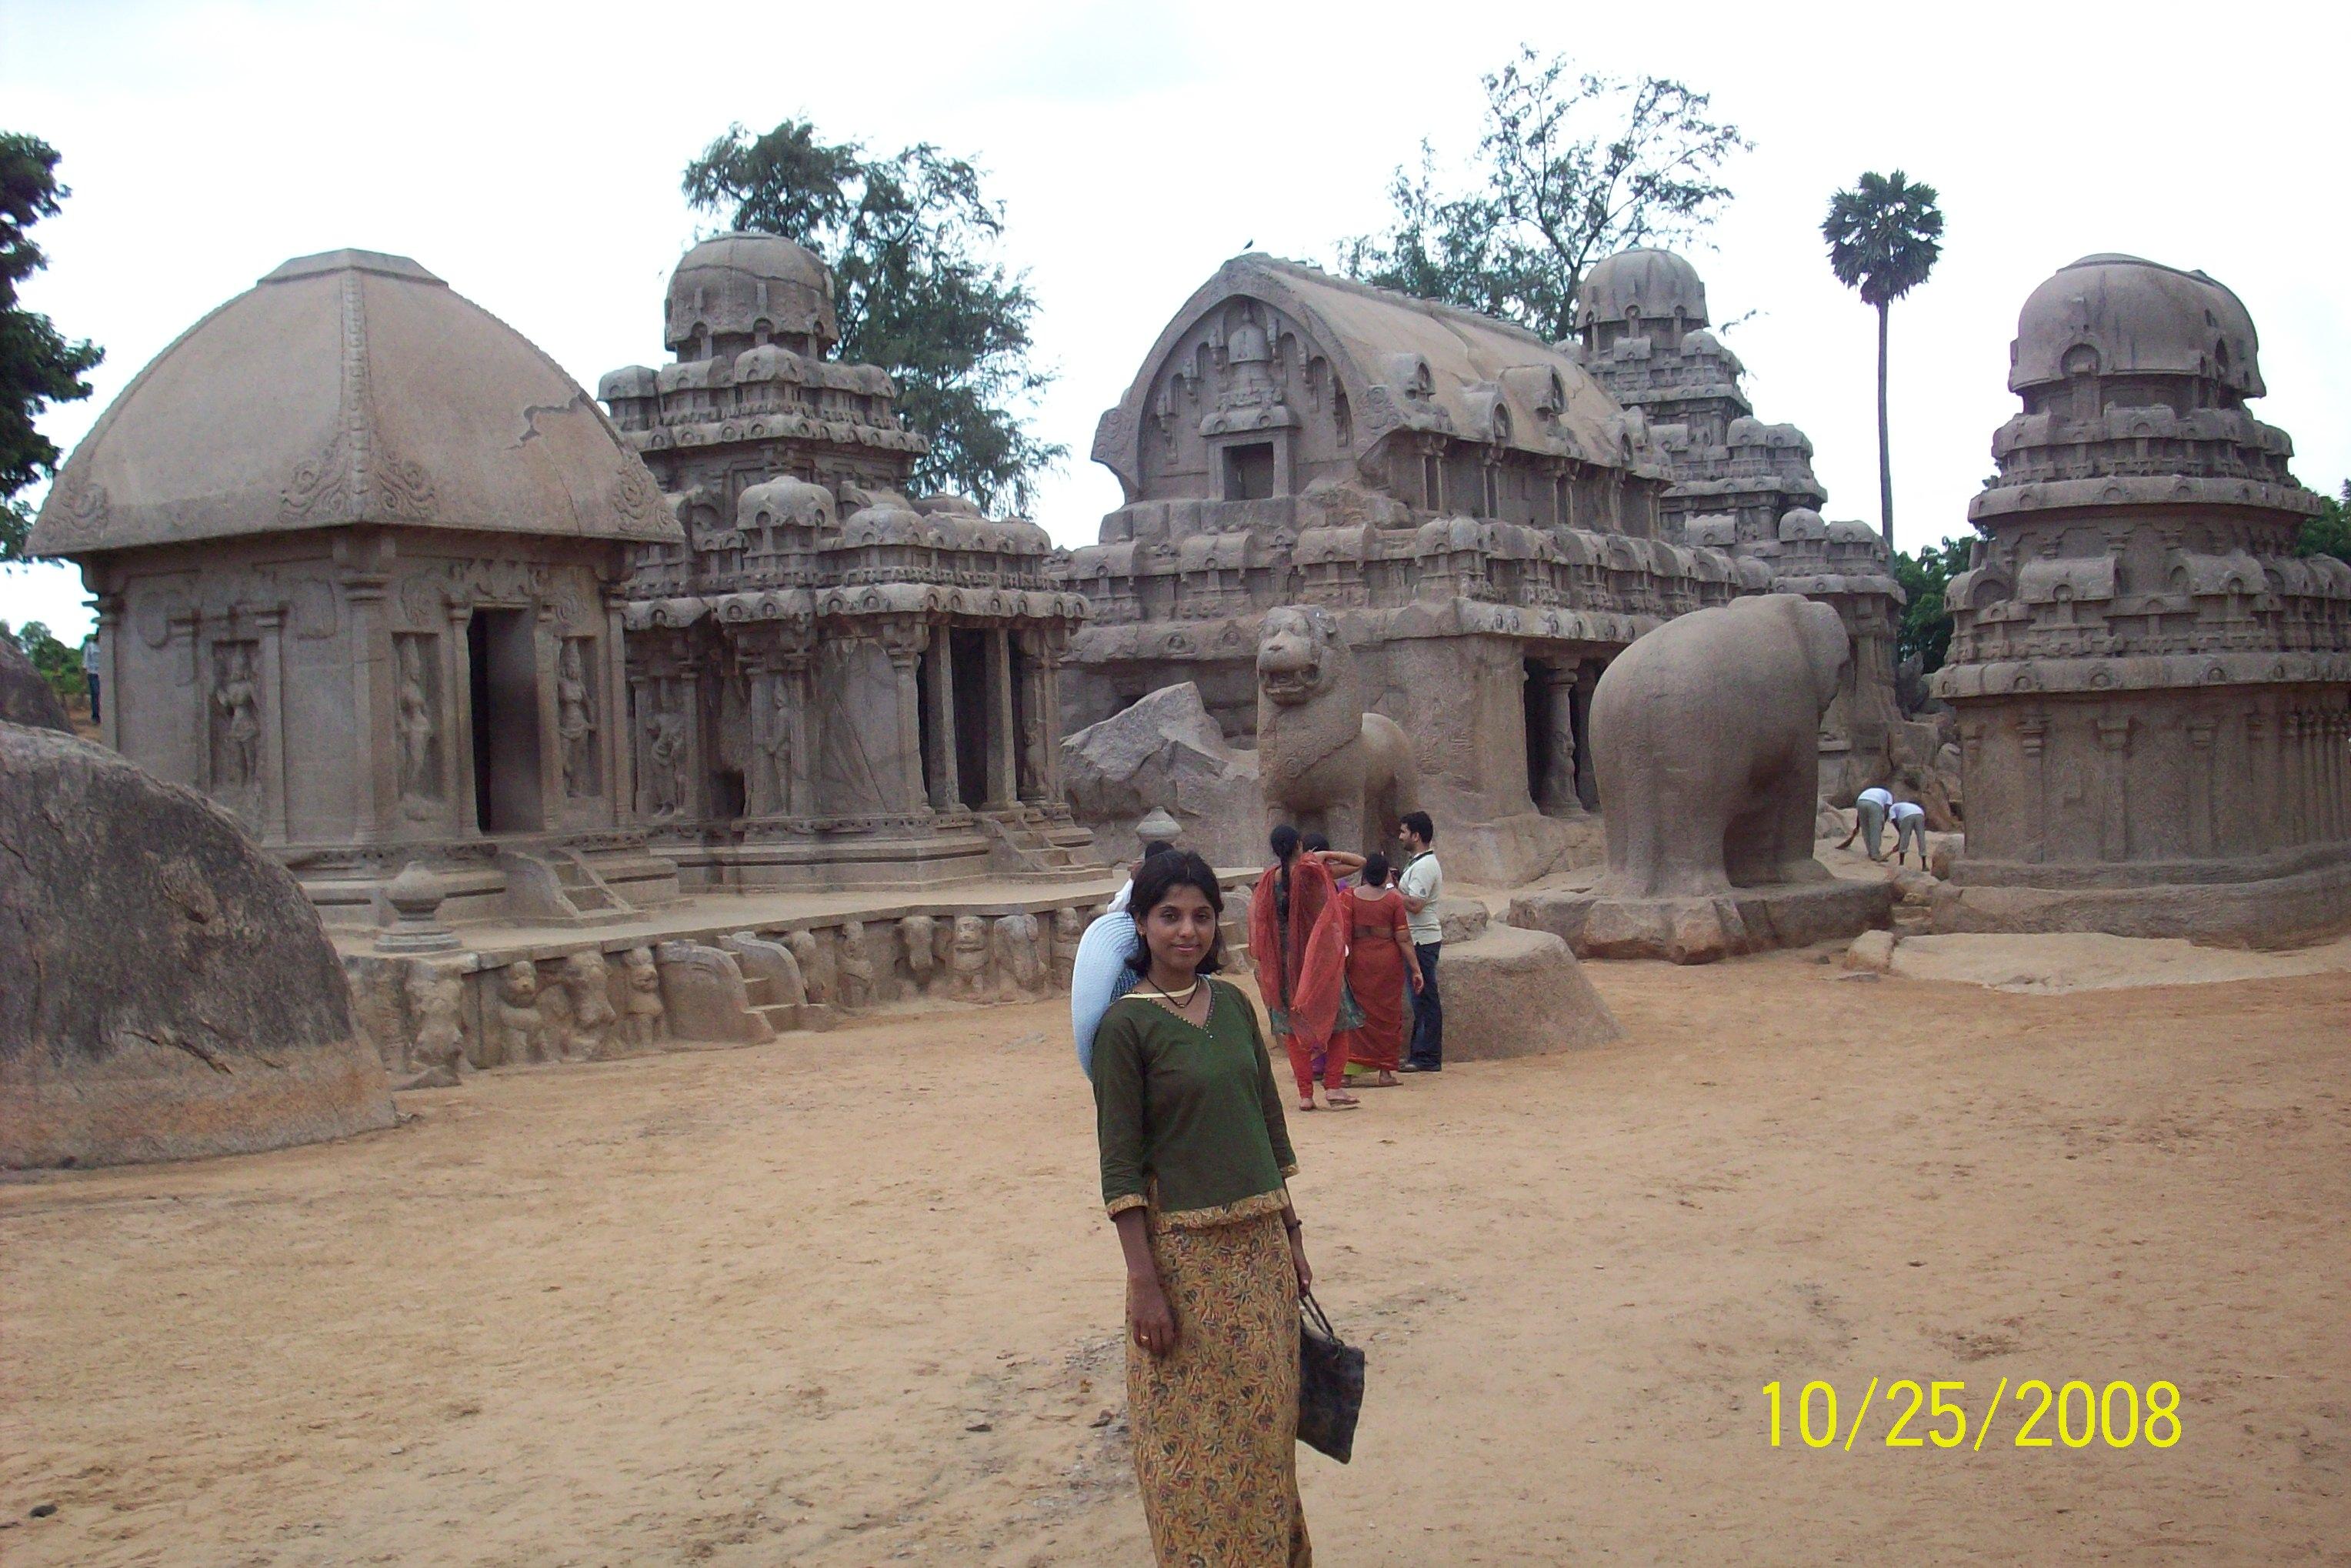 Mahabalipuram Group of Monuments at Mahabalipuram - India Girija M R